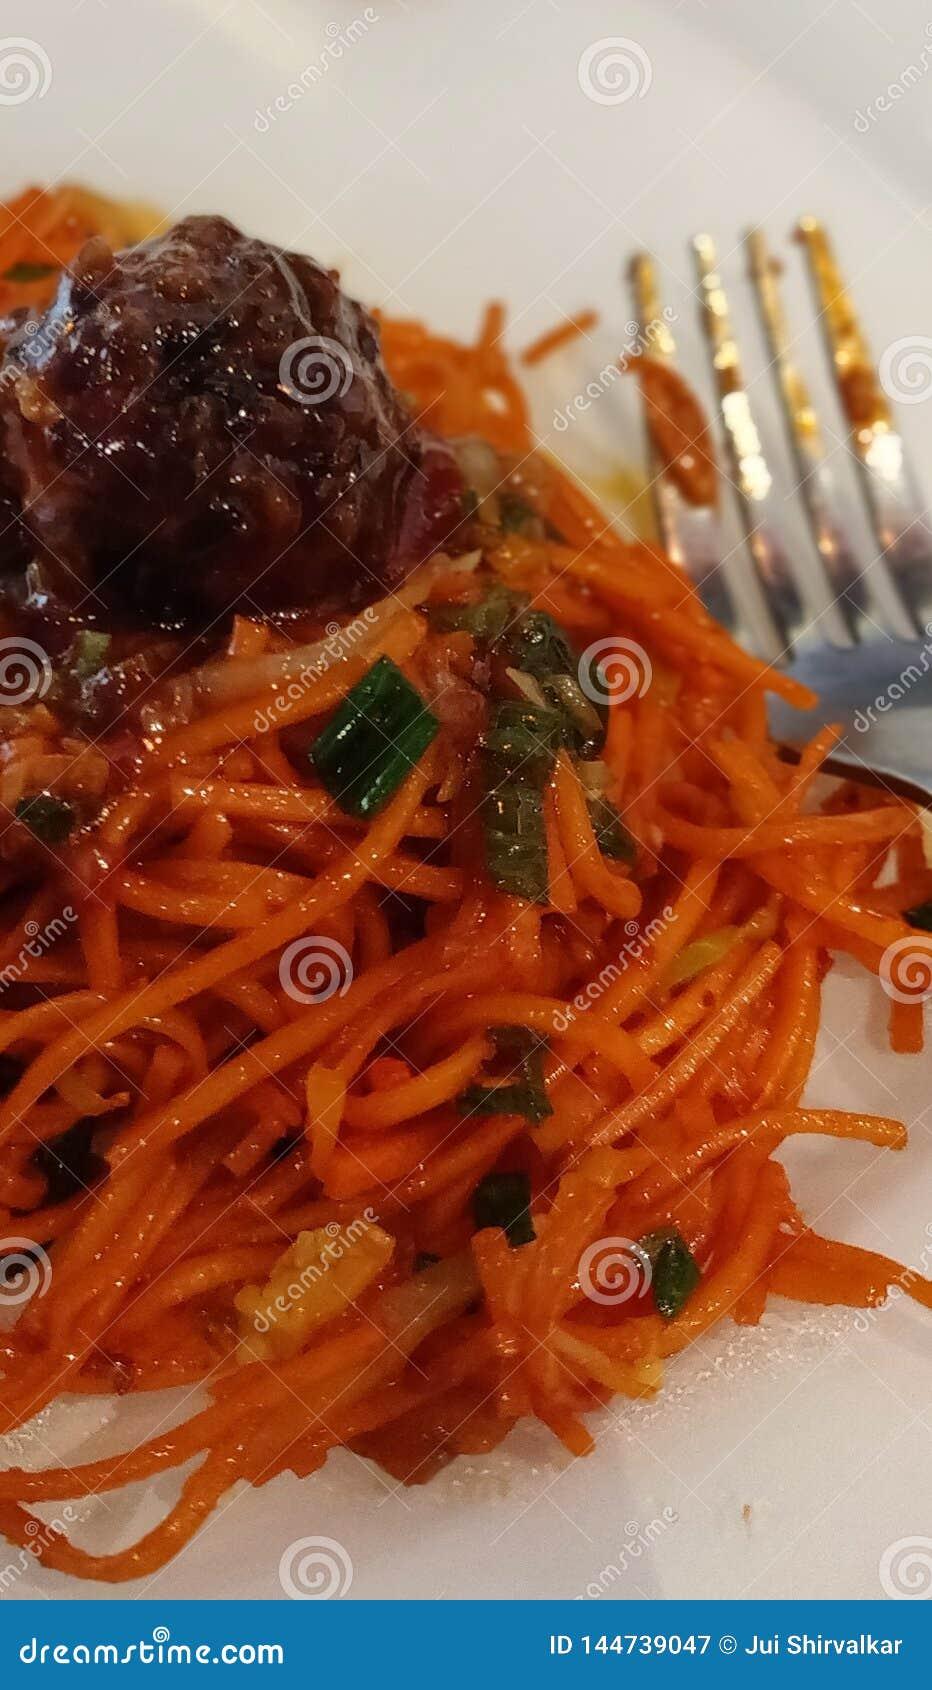 Chinese Manchurian Schezwan Spicy Noodles